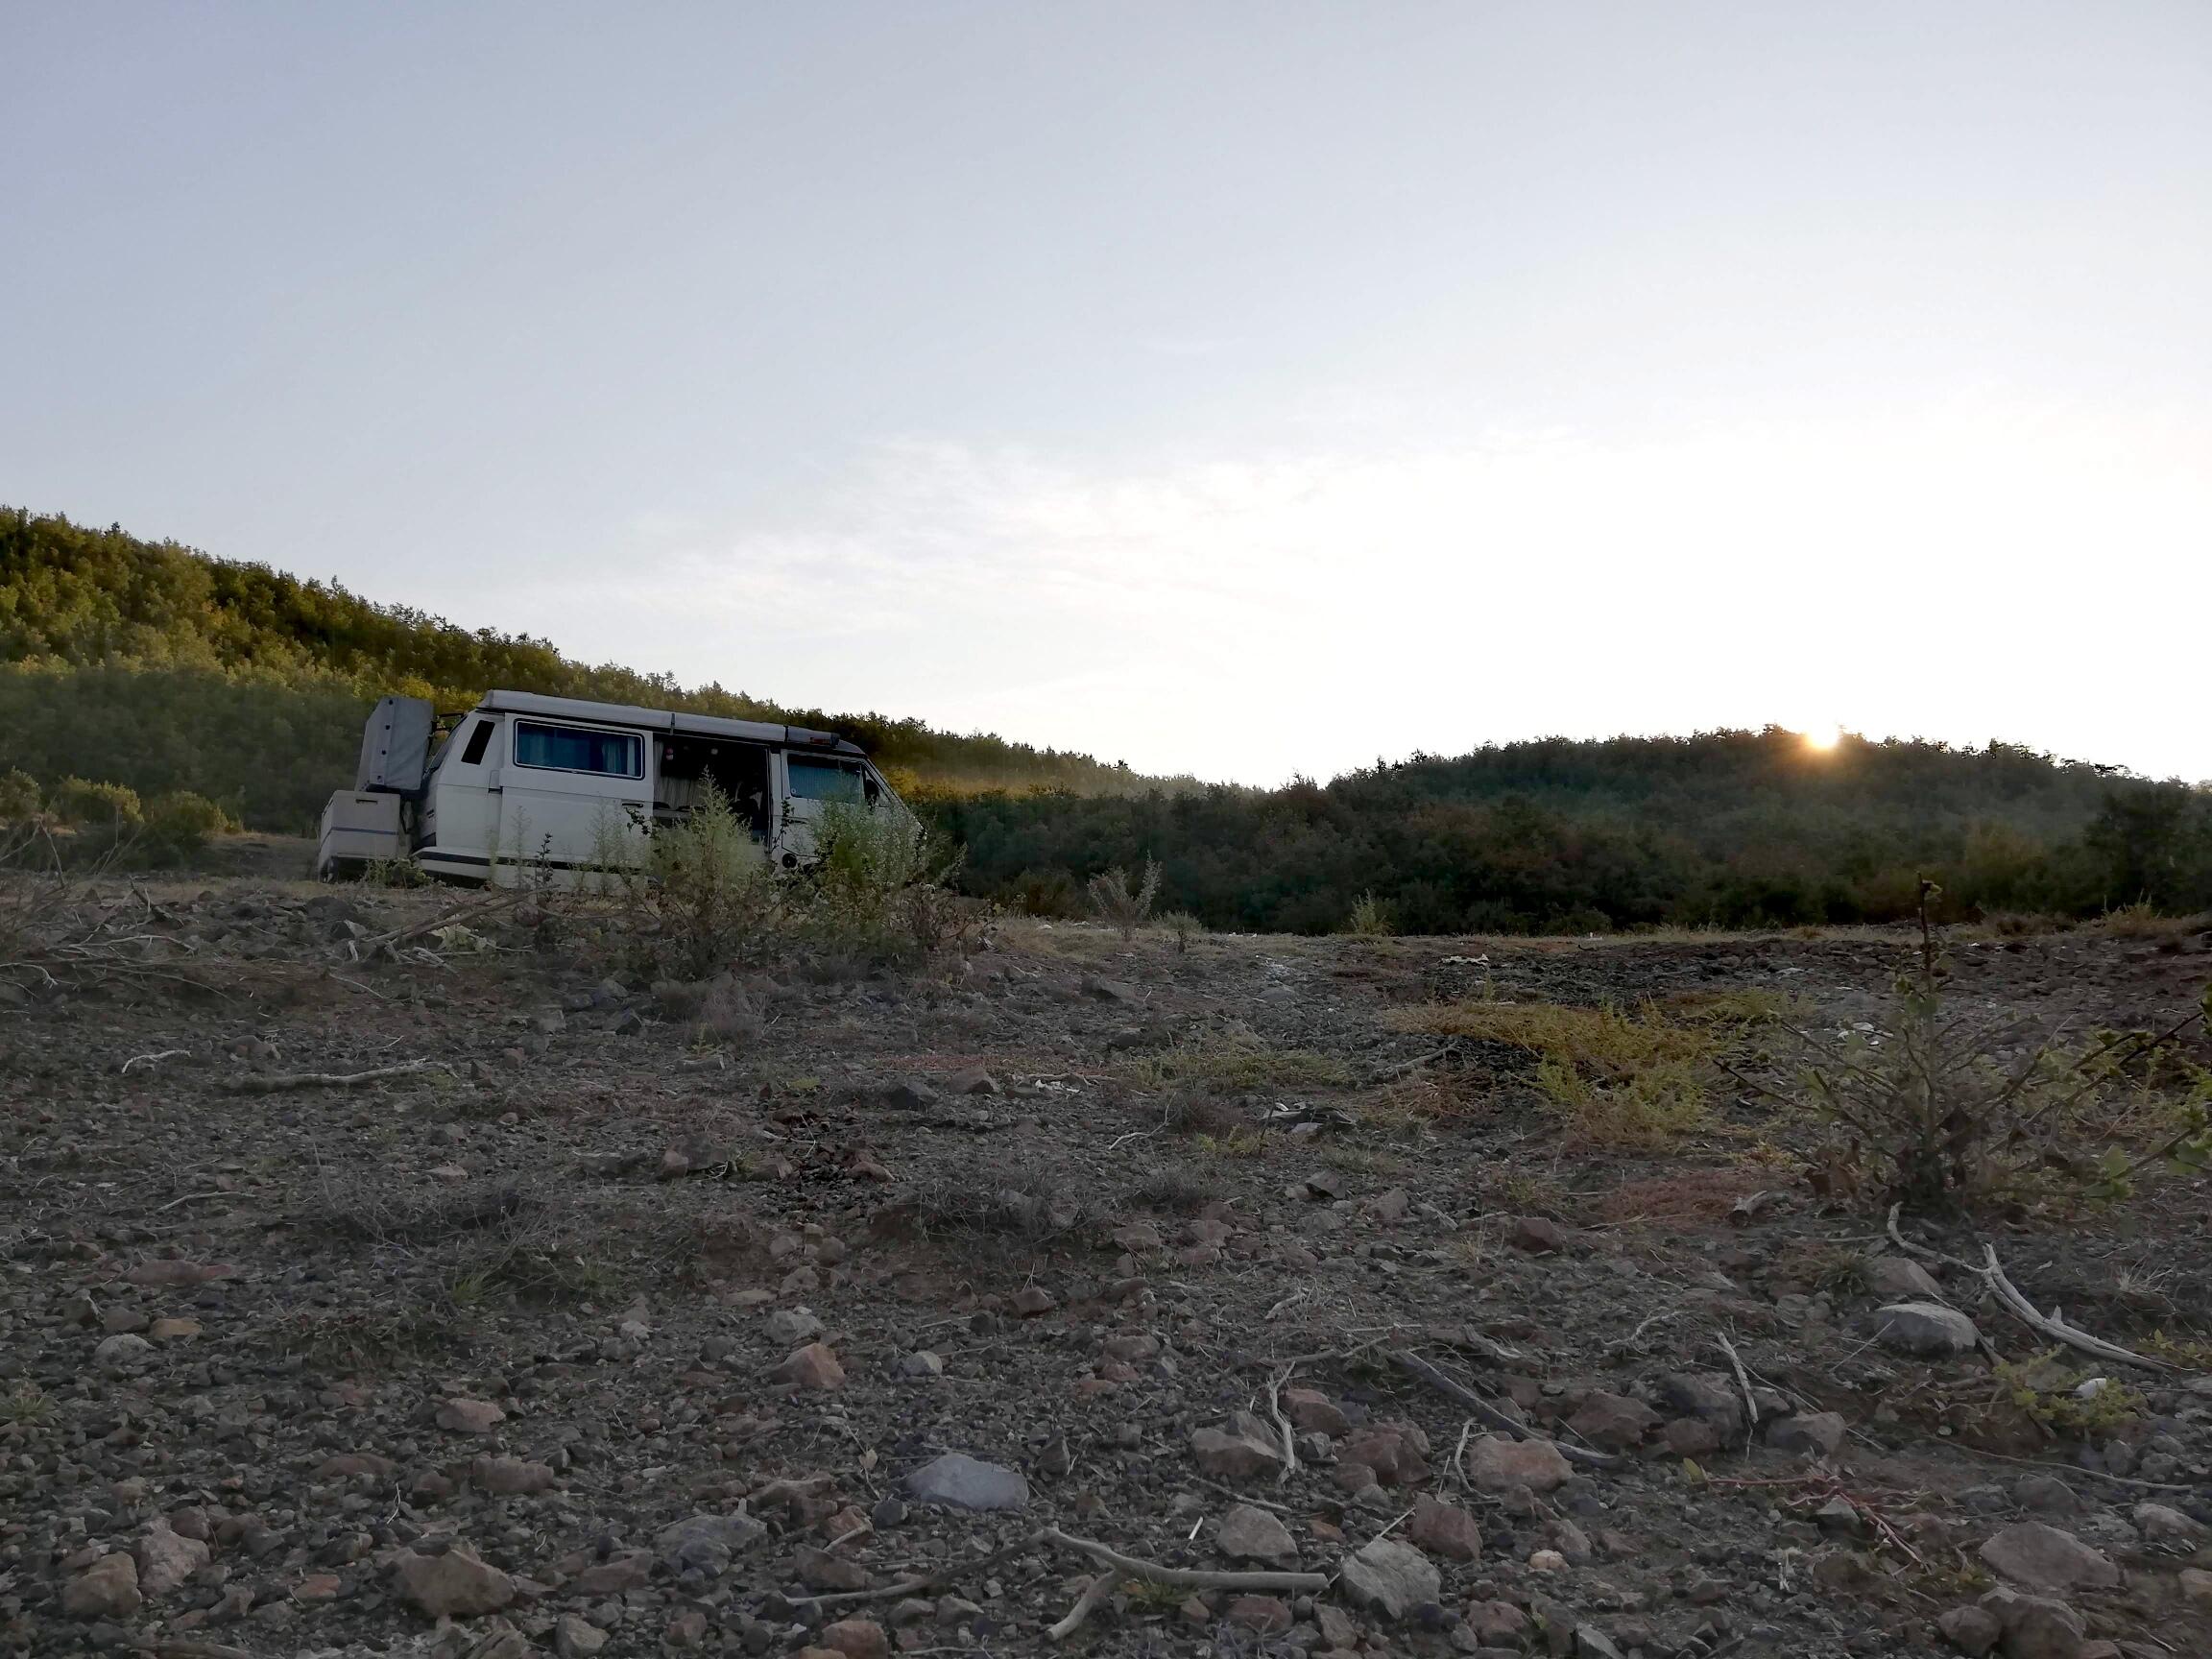 """<img src=""""/wild-campen-albanien.jpg"""" alt=""""Campen mitten in der Natur in einem einsamen Flussbett"""">"""